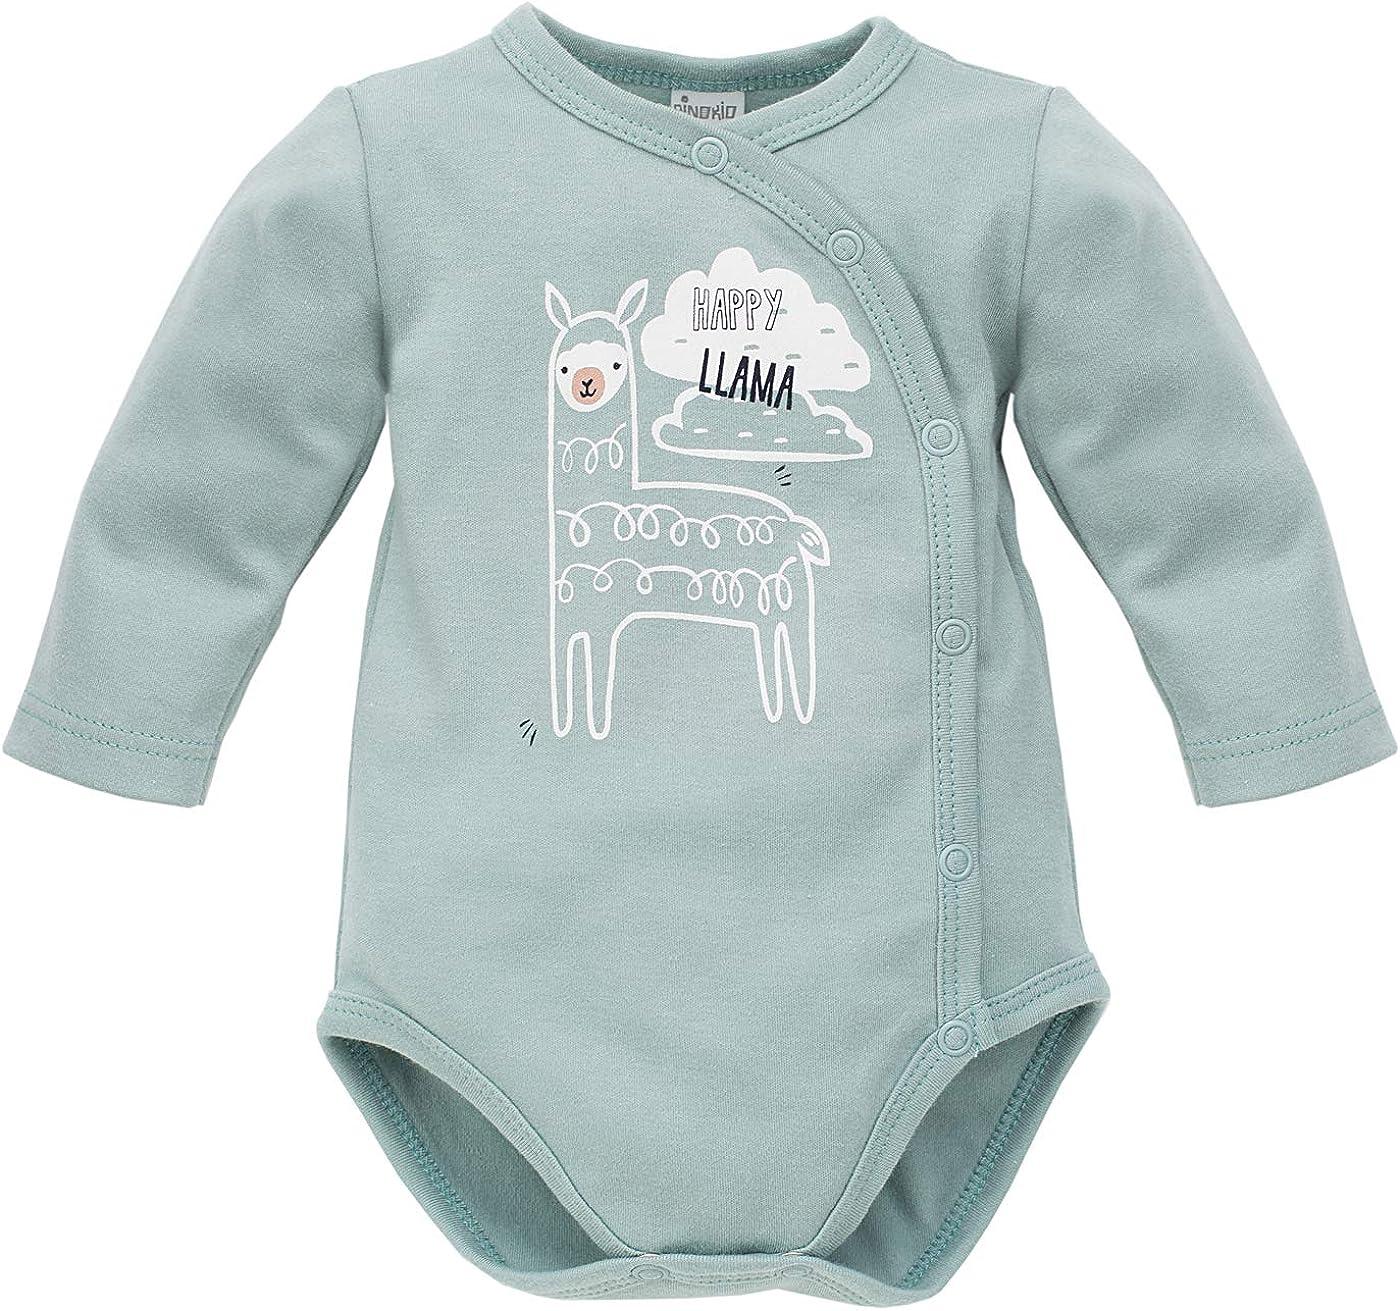 Crema Pinokio Body a Manica Lunga 100/% Cotone Verde con Lama per Ragazzi Ragazze Unisex Bambini 56 62 68 74 cm Baby Body Happy Llama